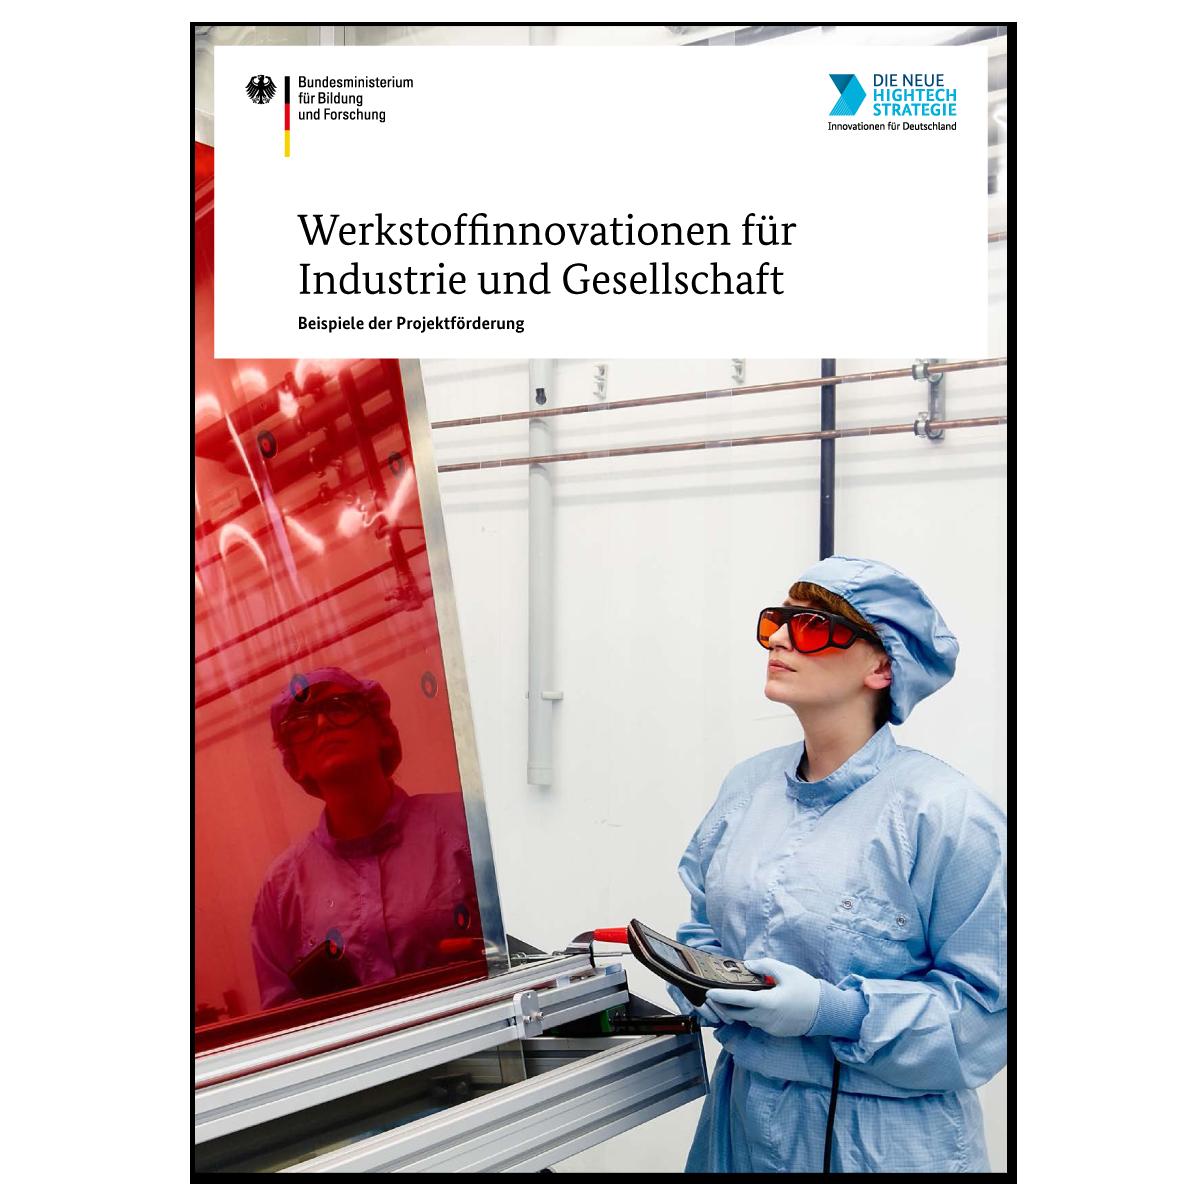 Werkstoffinnovationen für Industrie und Gesellschaft